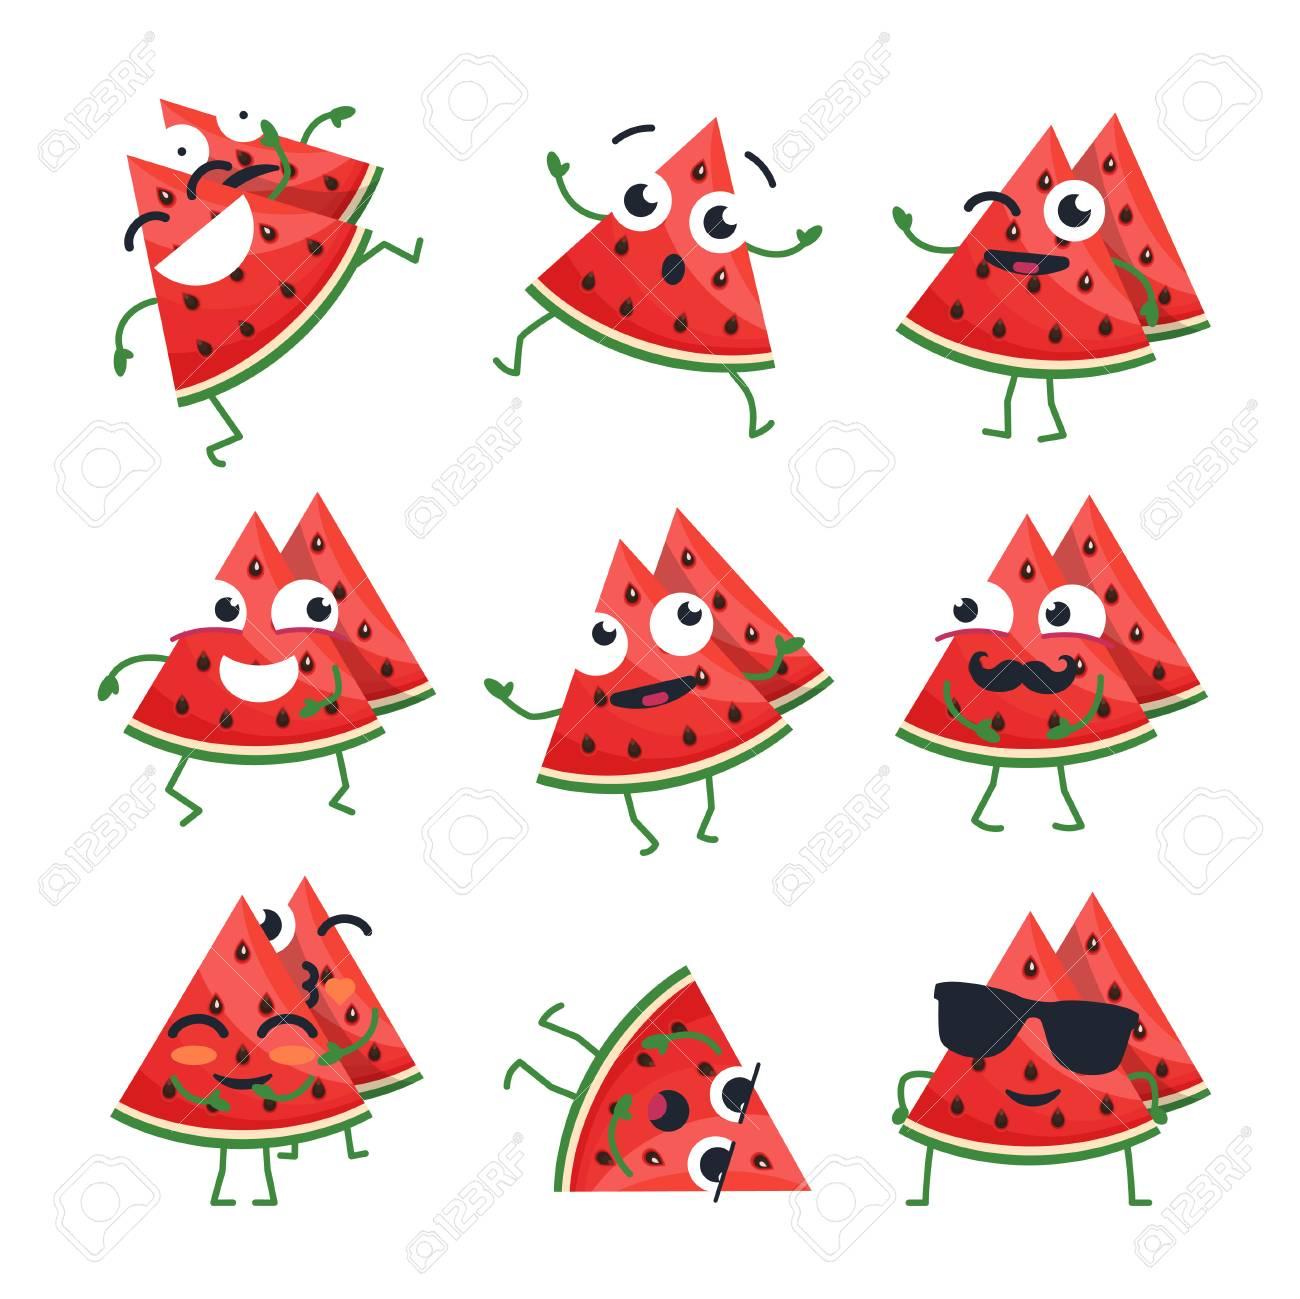 Melancia Engraçada Emoticons De Vetor Isolado Dos Desenhos Animados Emoji Bonito Conjunto Com Um Bom Personagem Uma Coleção De Raiva Surpresa